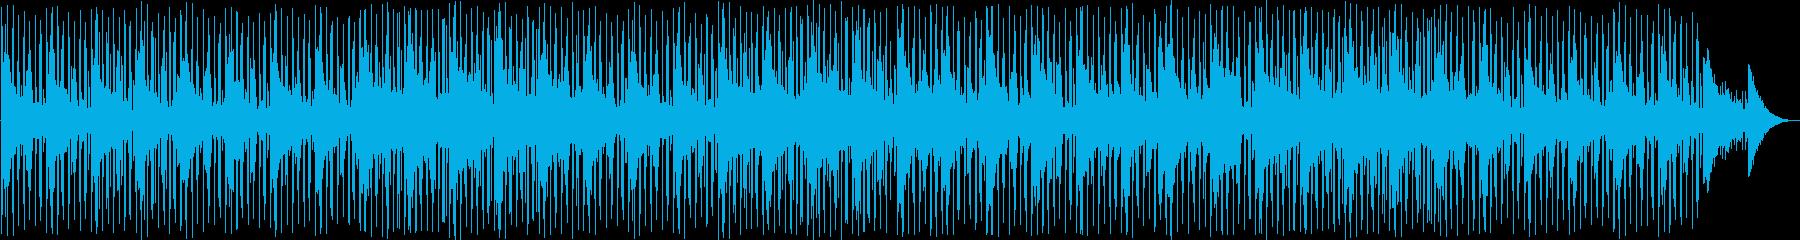 穏やかなアンビエント系ディープハウスの再生済みの波形